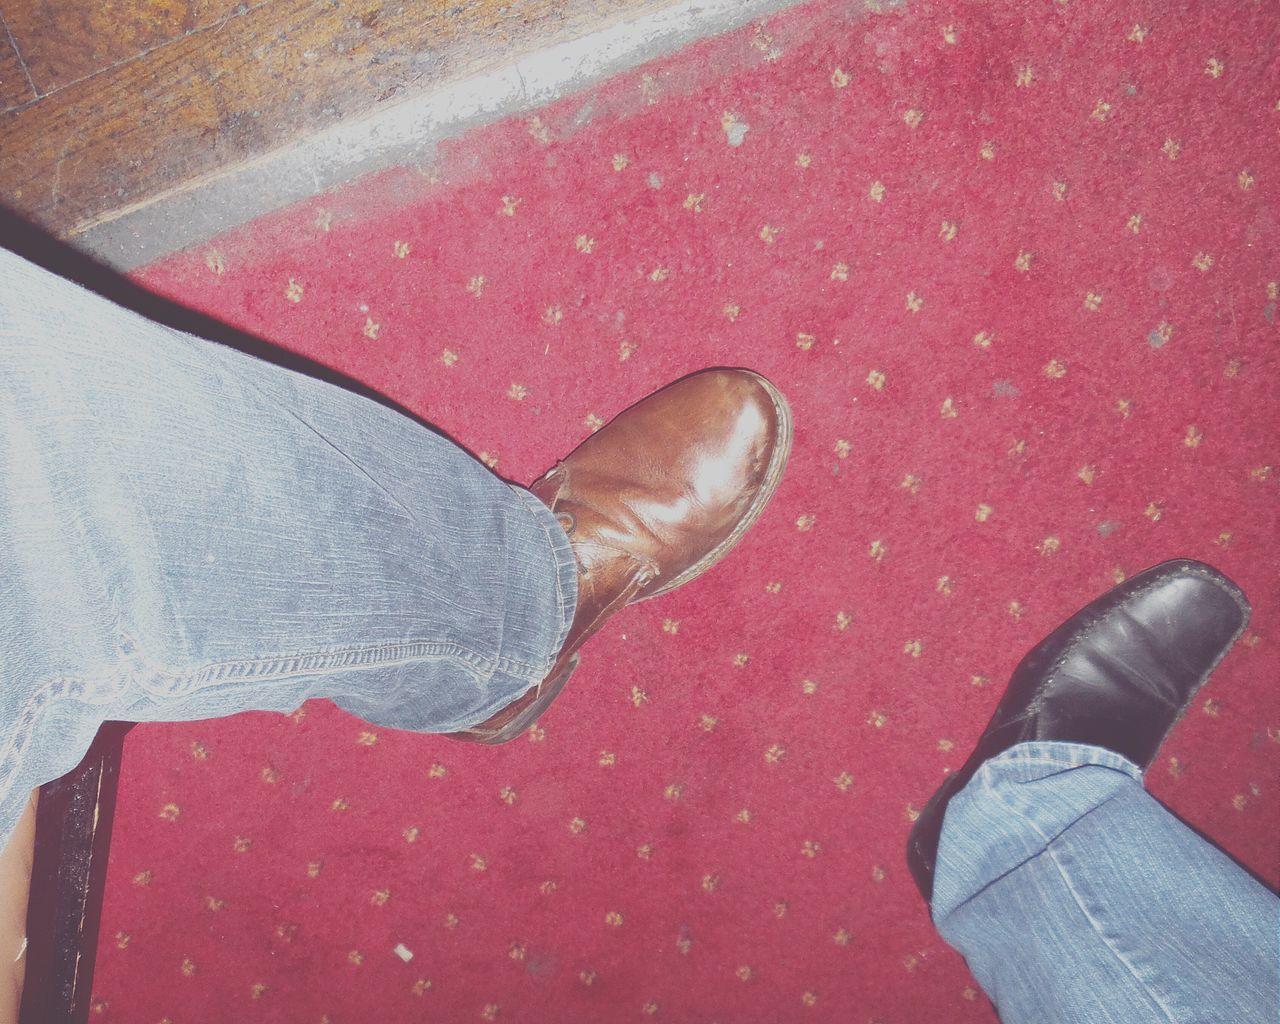 Legs Shoes Blue Jeans Jeans Brown Leather Feet Lookingdown Boots EyeEm Best Shots Odd